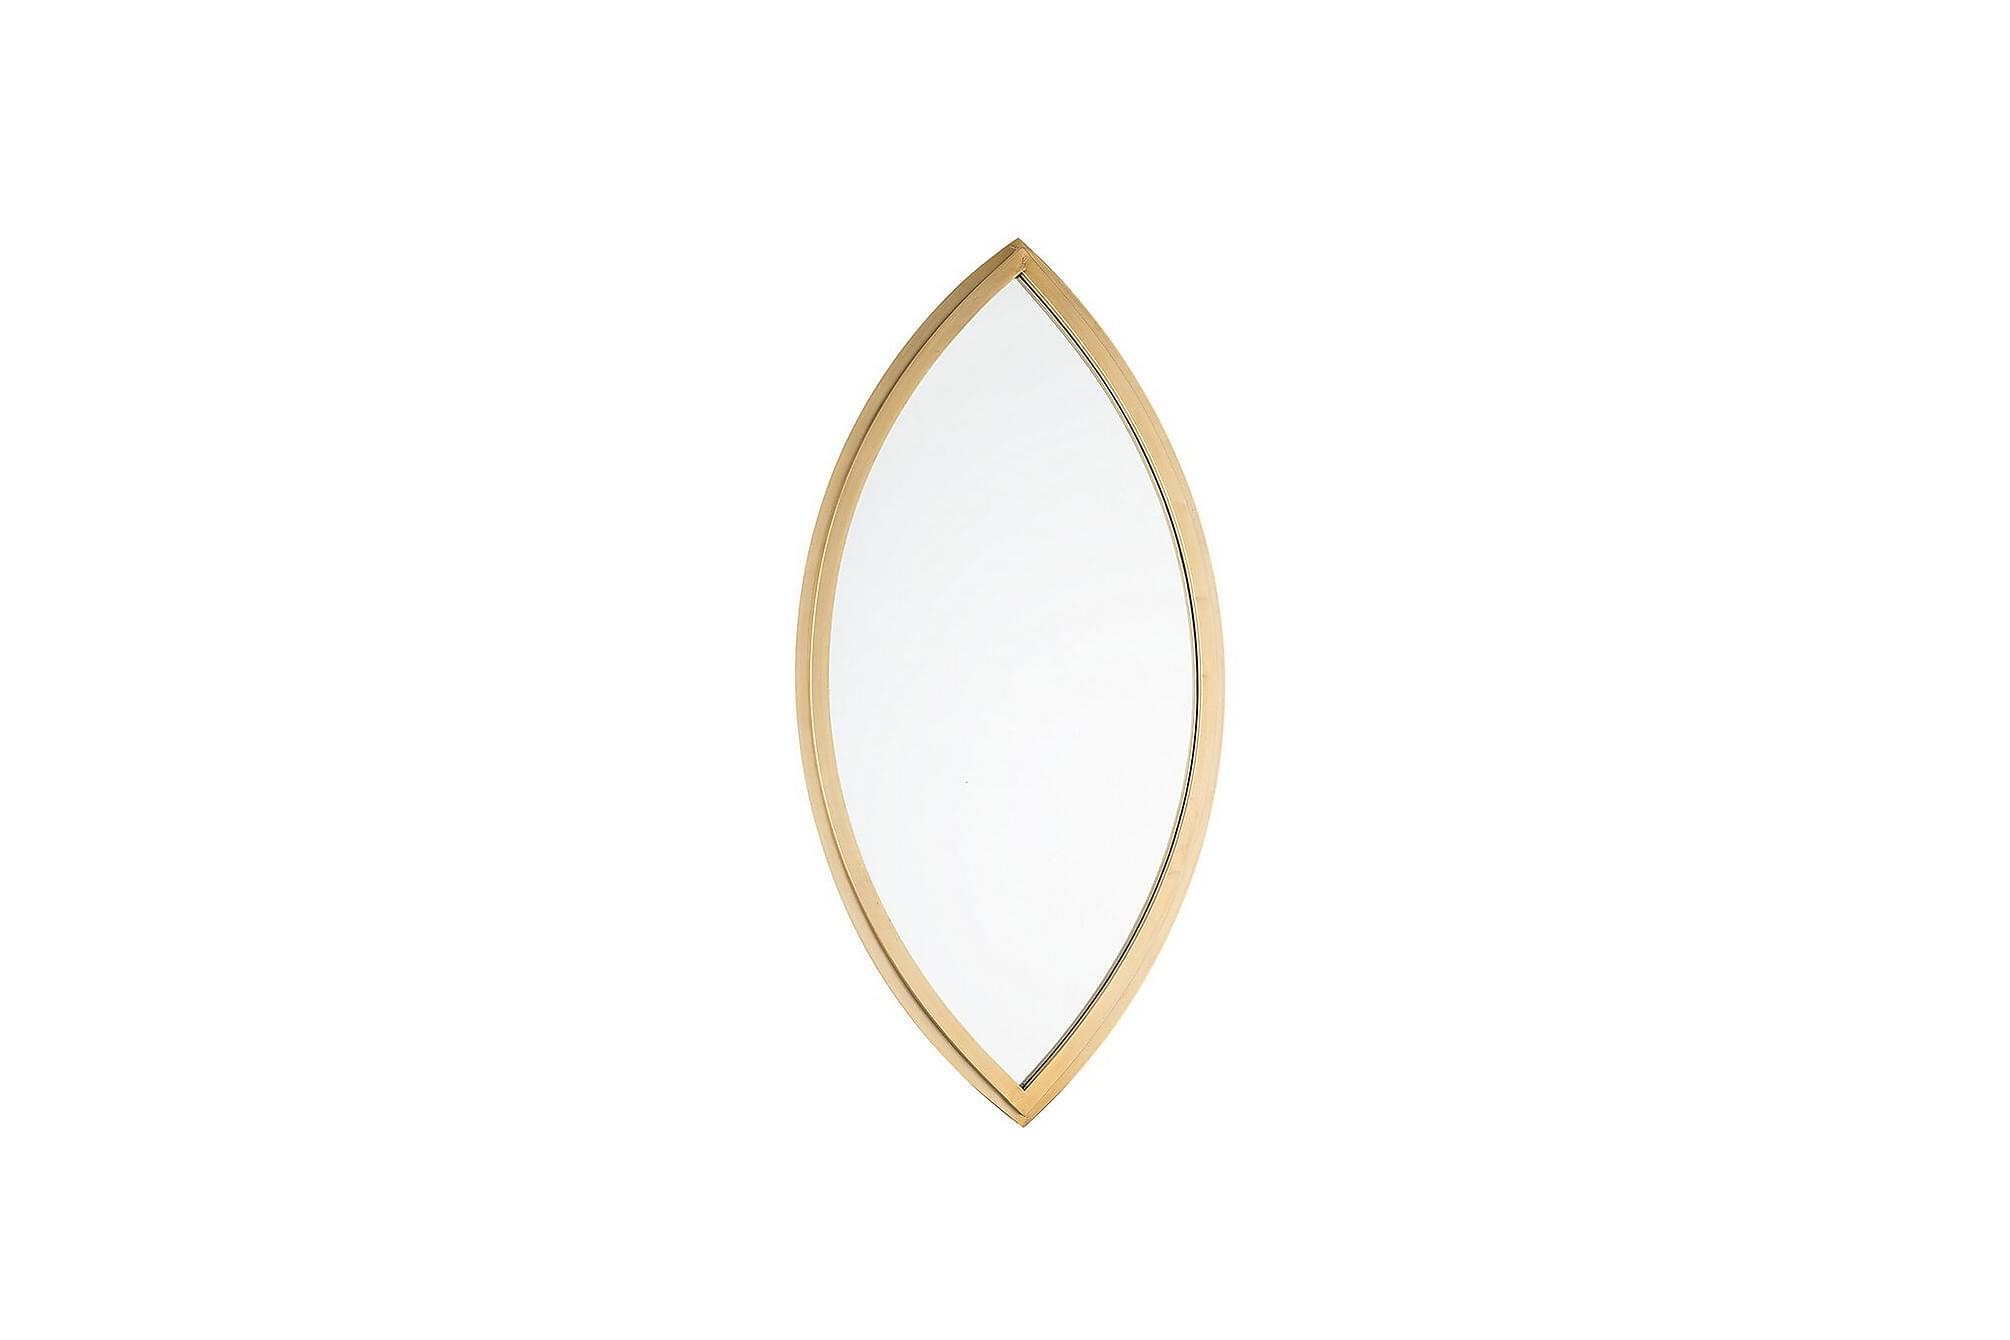 ARIELYZ Spegel 97x51 cm Guld, Speglar